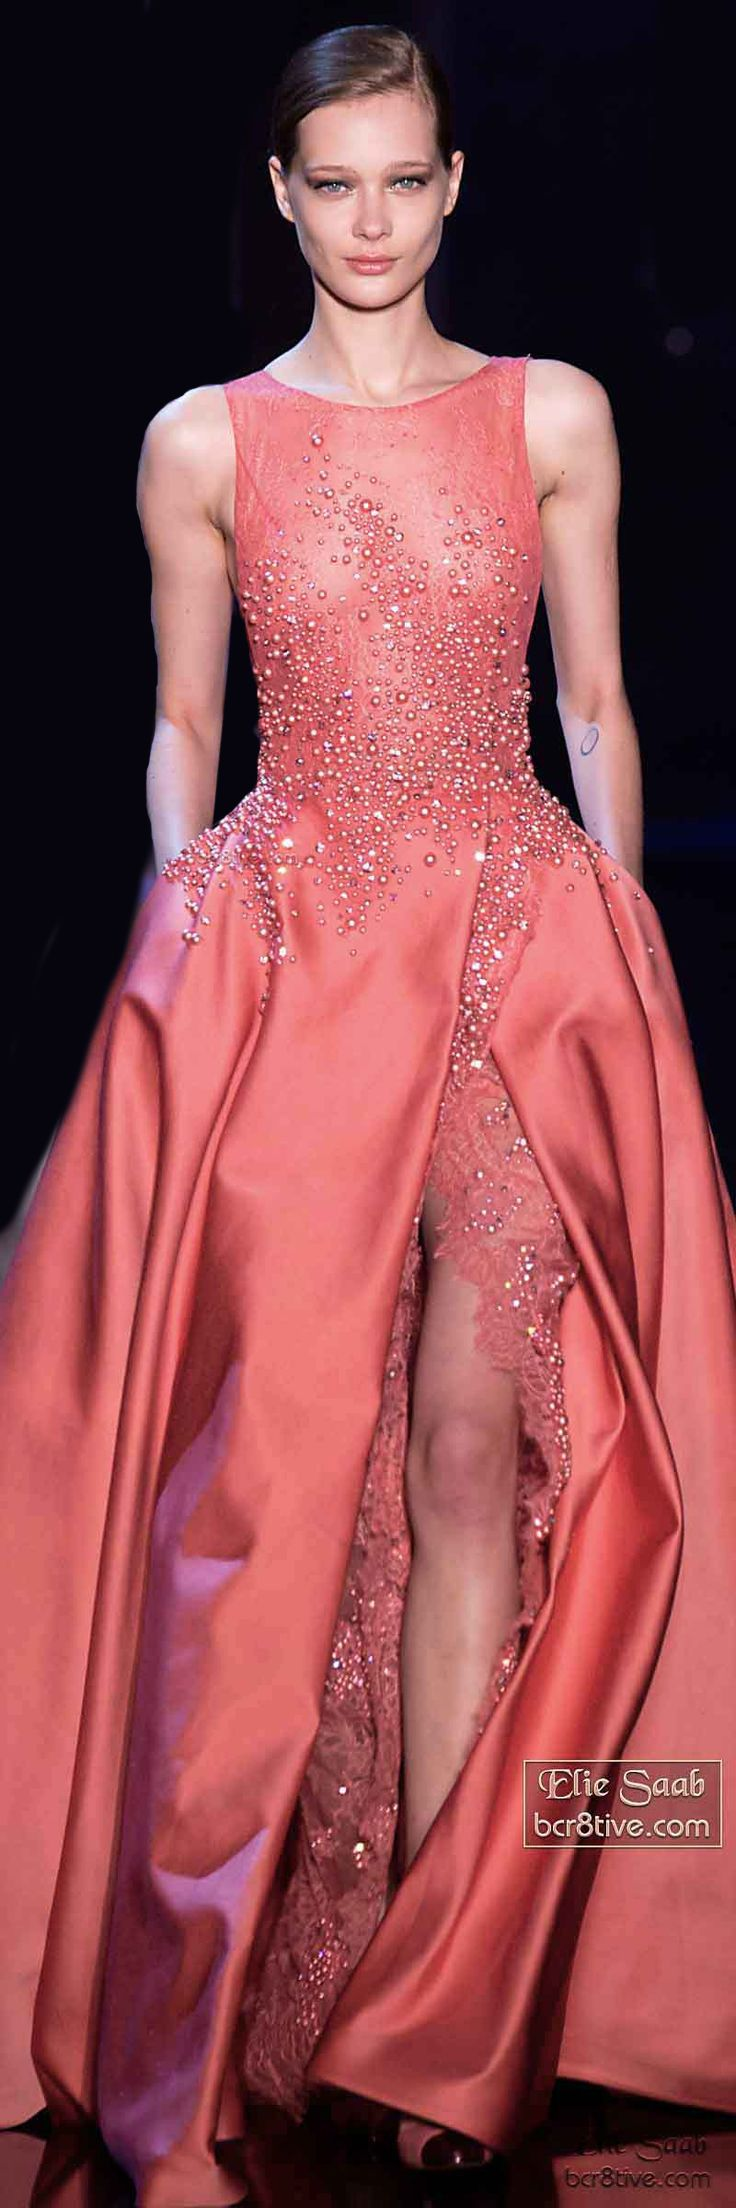 Asombroso Precios De Vestido De Novia Elie Saab Cresta - Colección ...